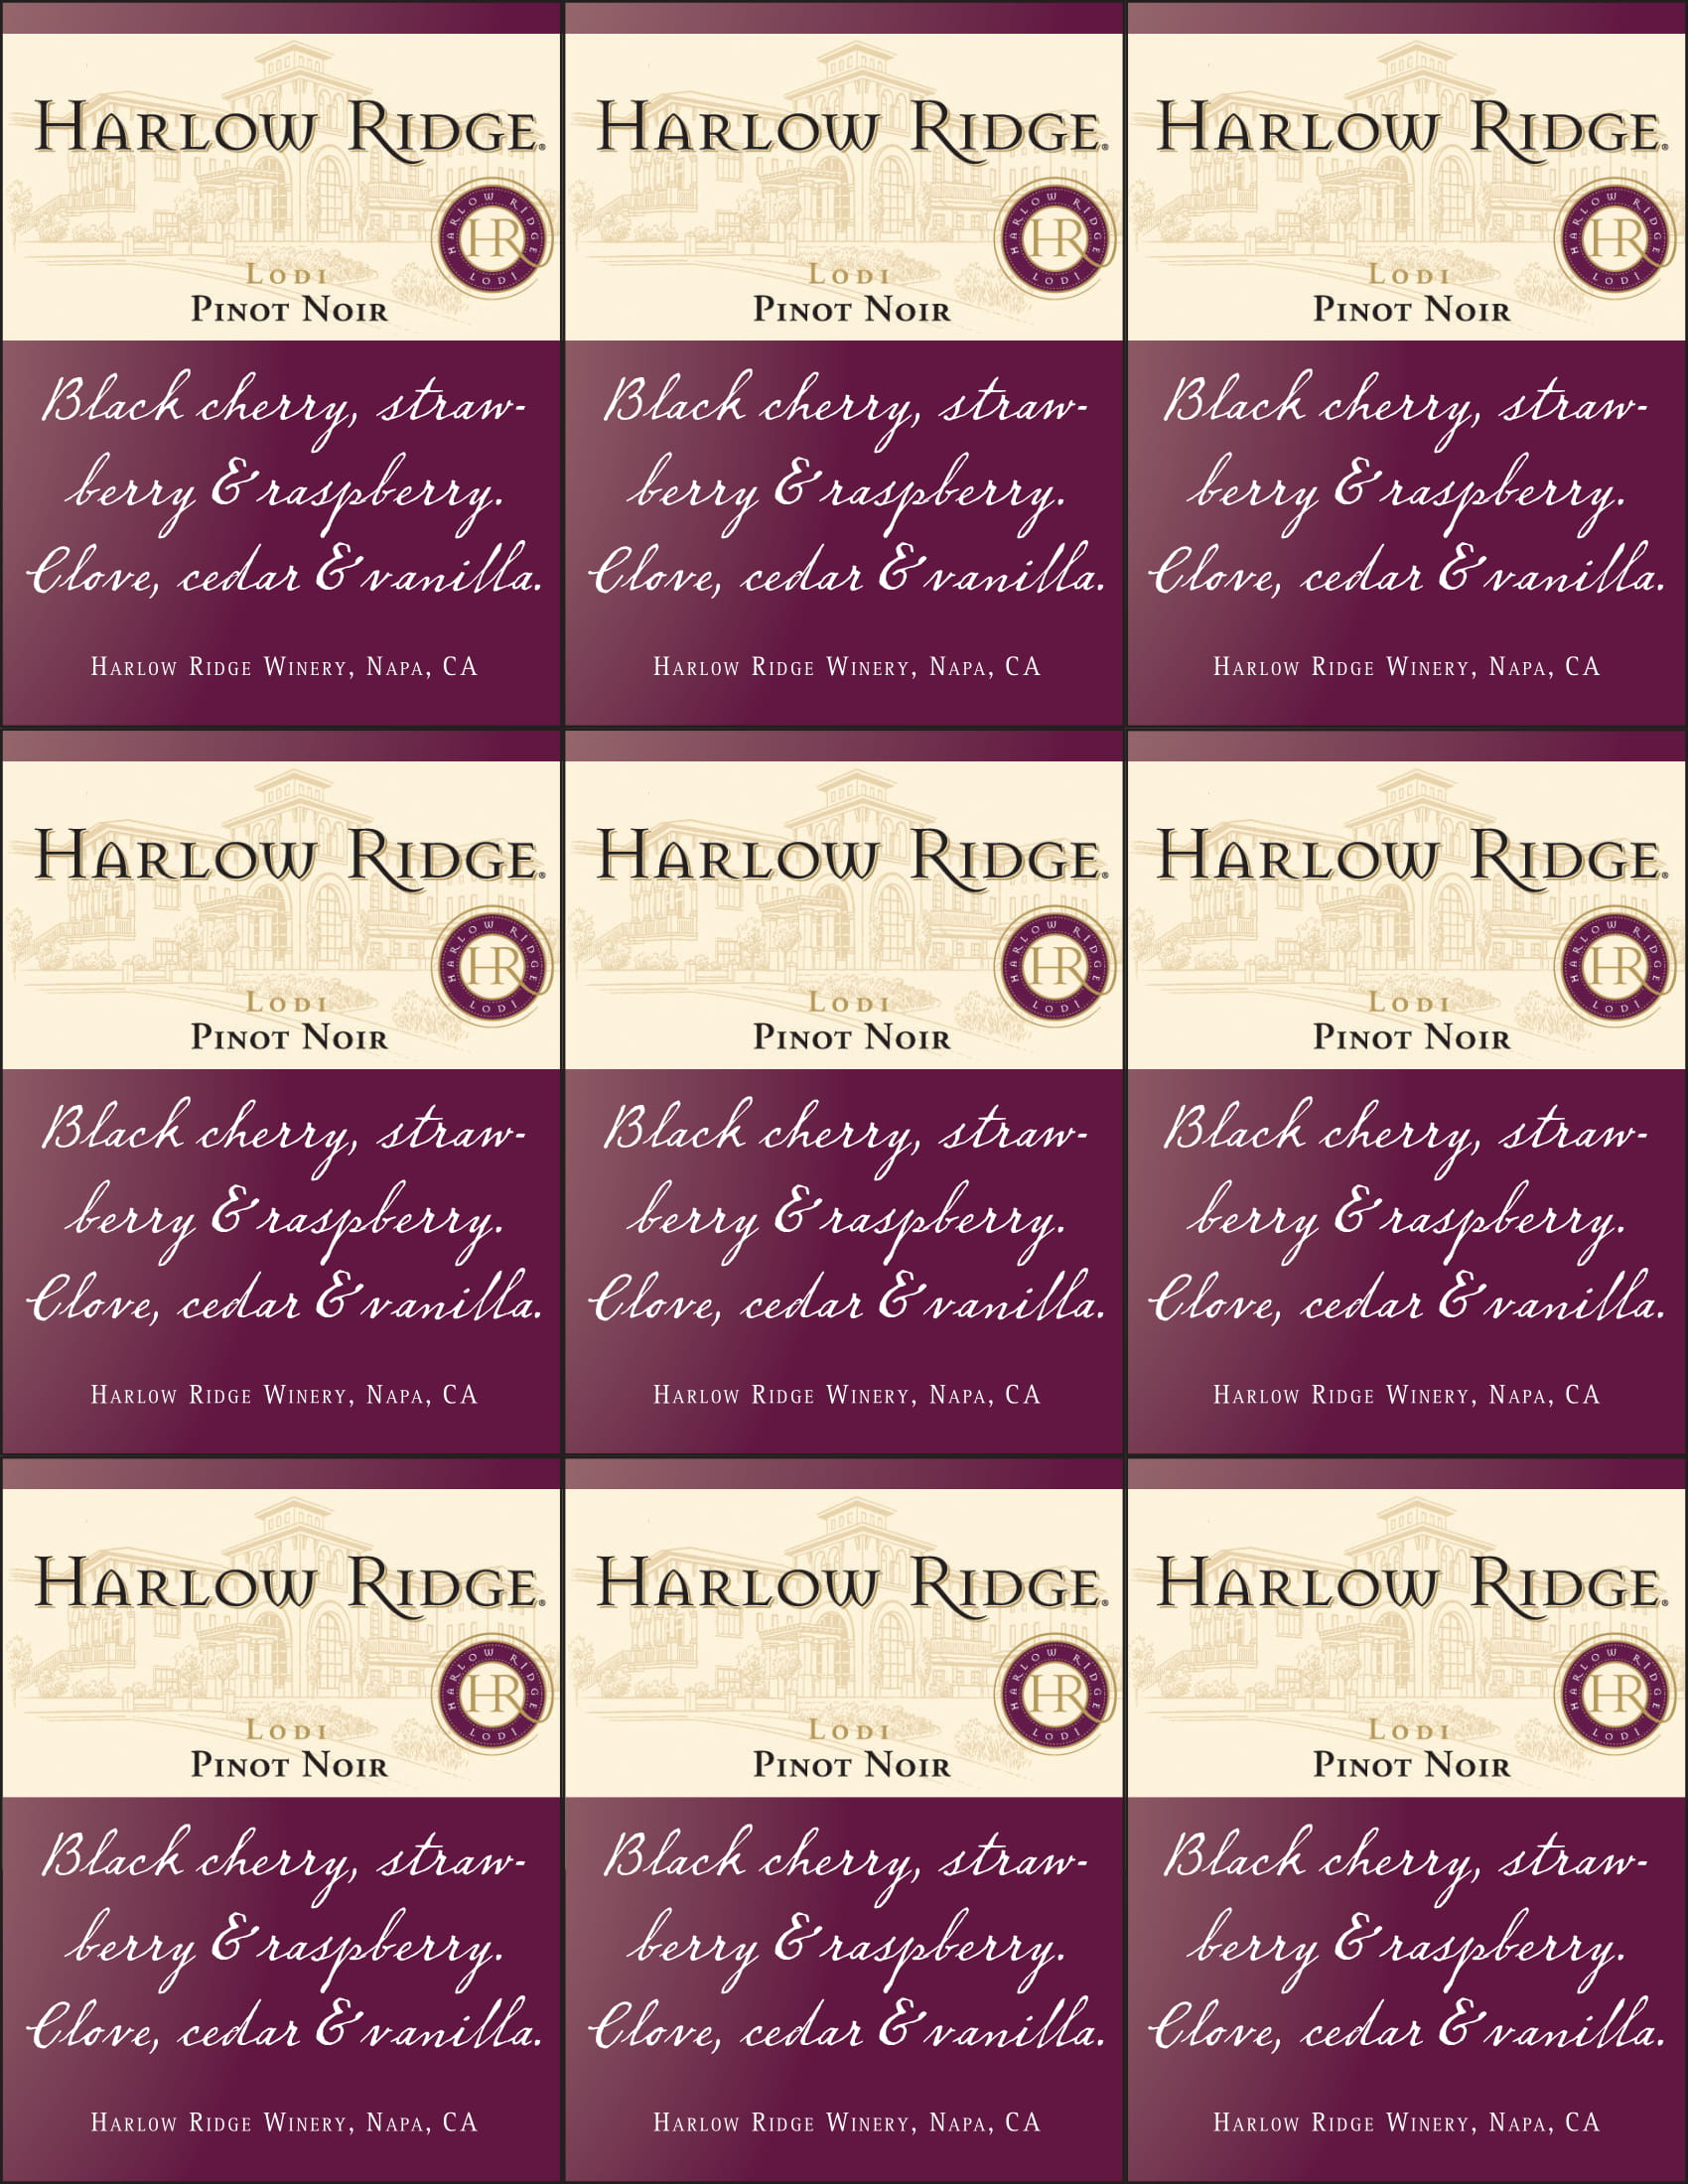 Harlow Ridge Pinot Noir Shelf Talker